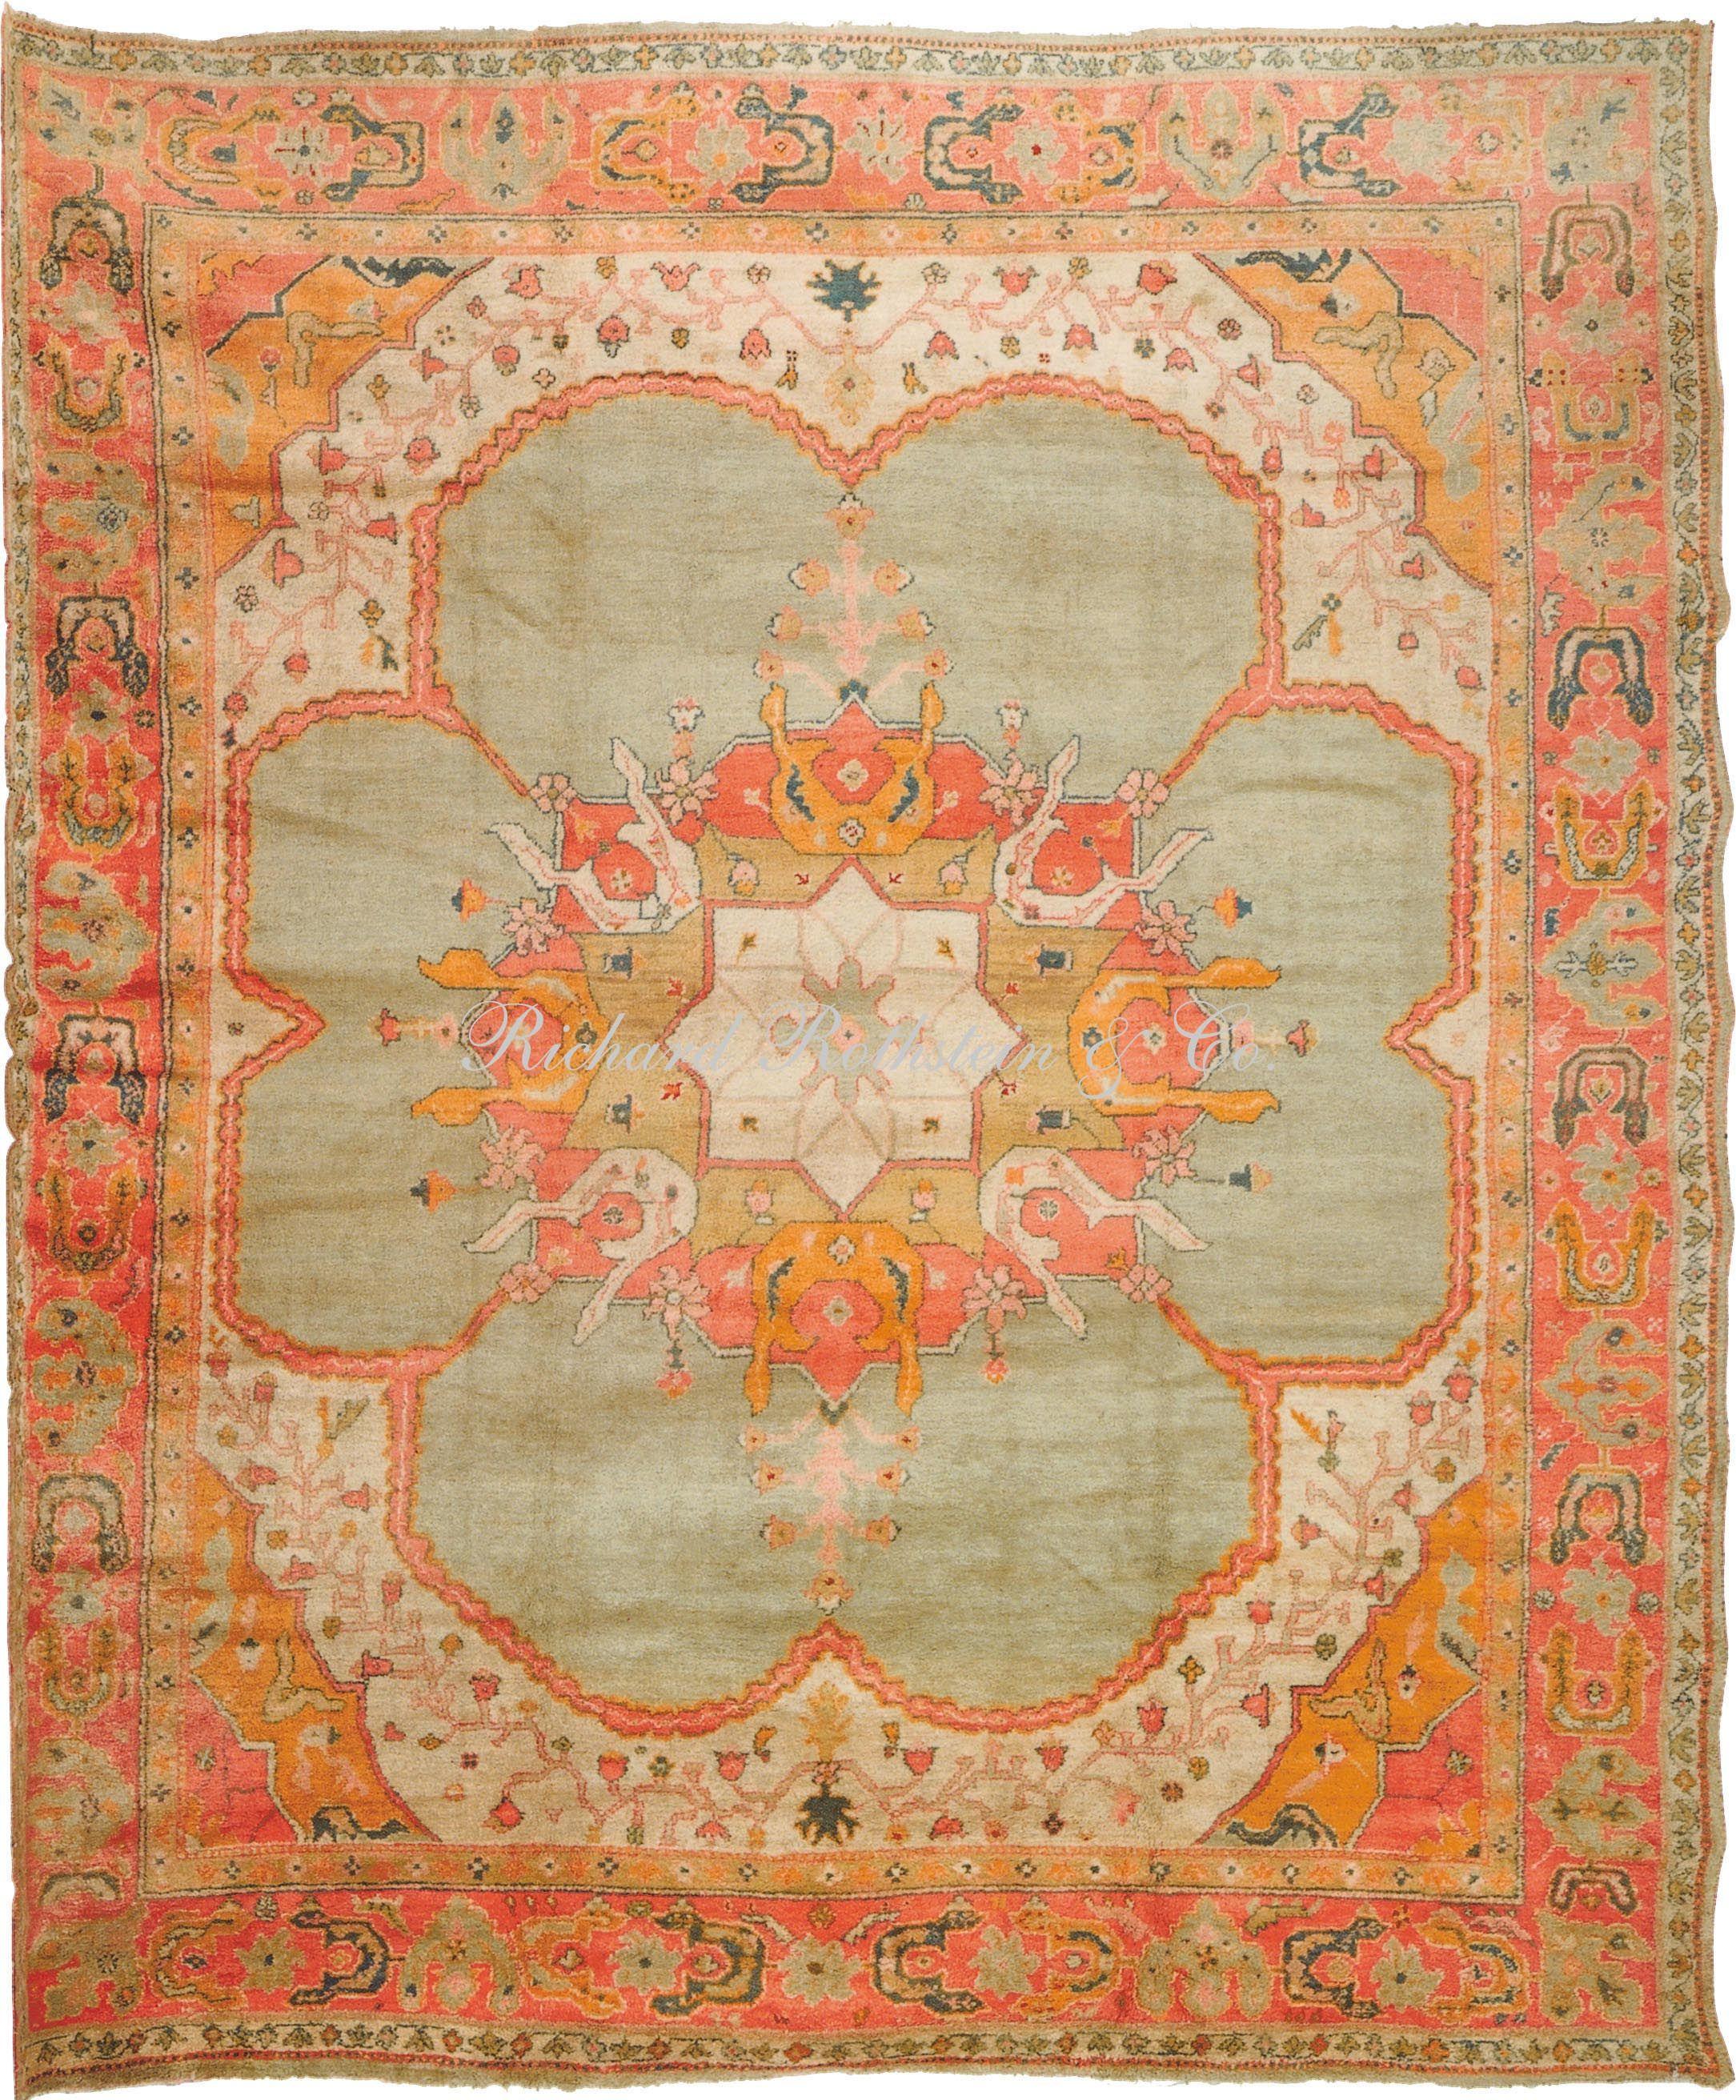 Exceptional Antique Oushak Rug, 13u0027 7u0027u0027 X 16u0027 7u0027u0027u003c